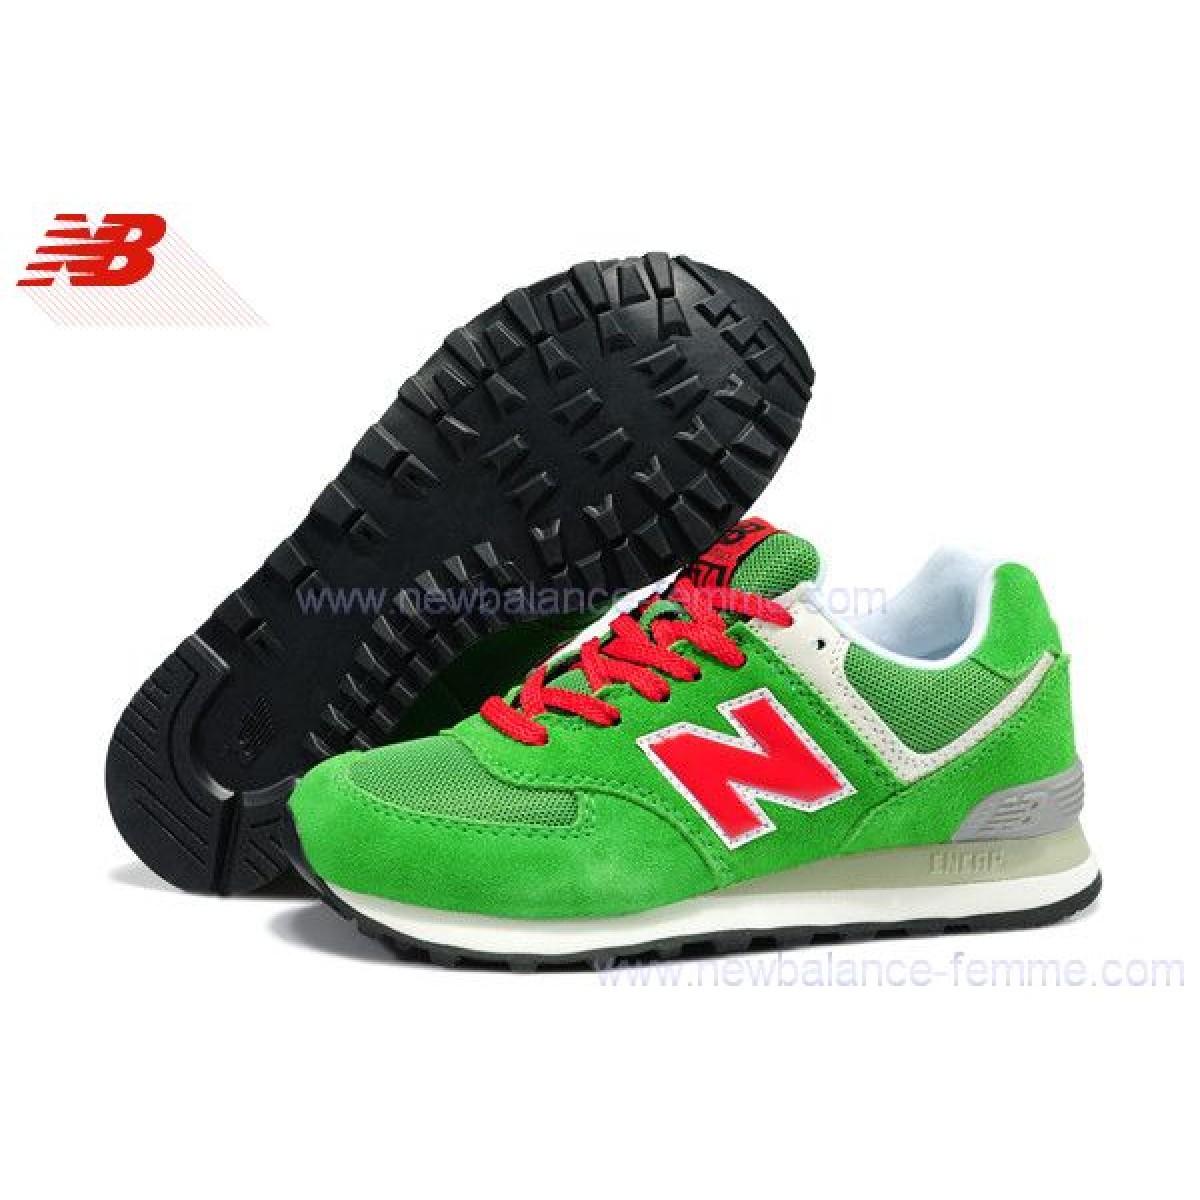 separation shoes 53b76 185f1 ... wholesale achat vente produits new balance 574 hommeprésident  chaussures new balance 574 homme pas 18916 c1238